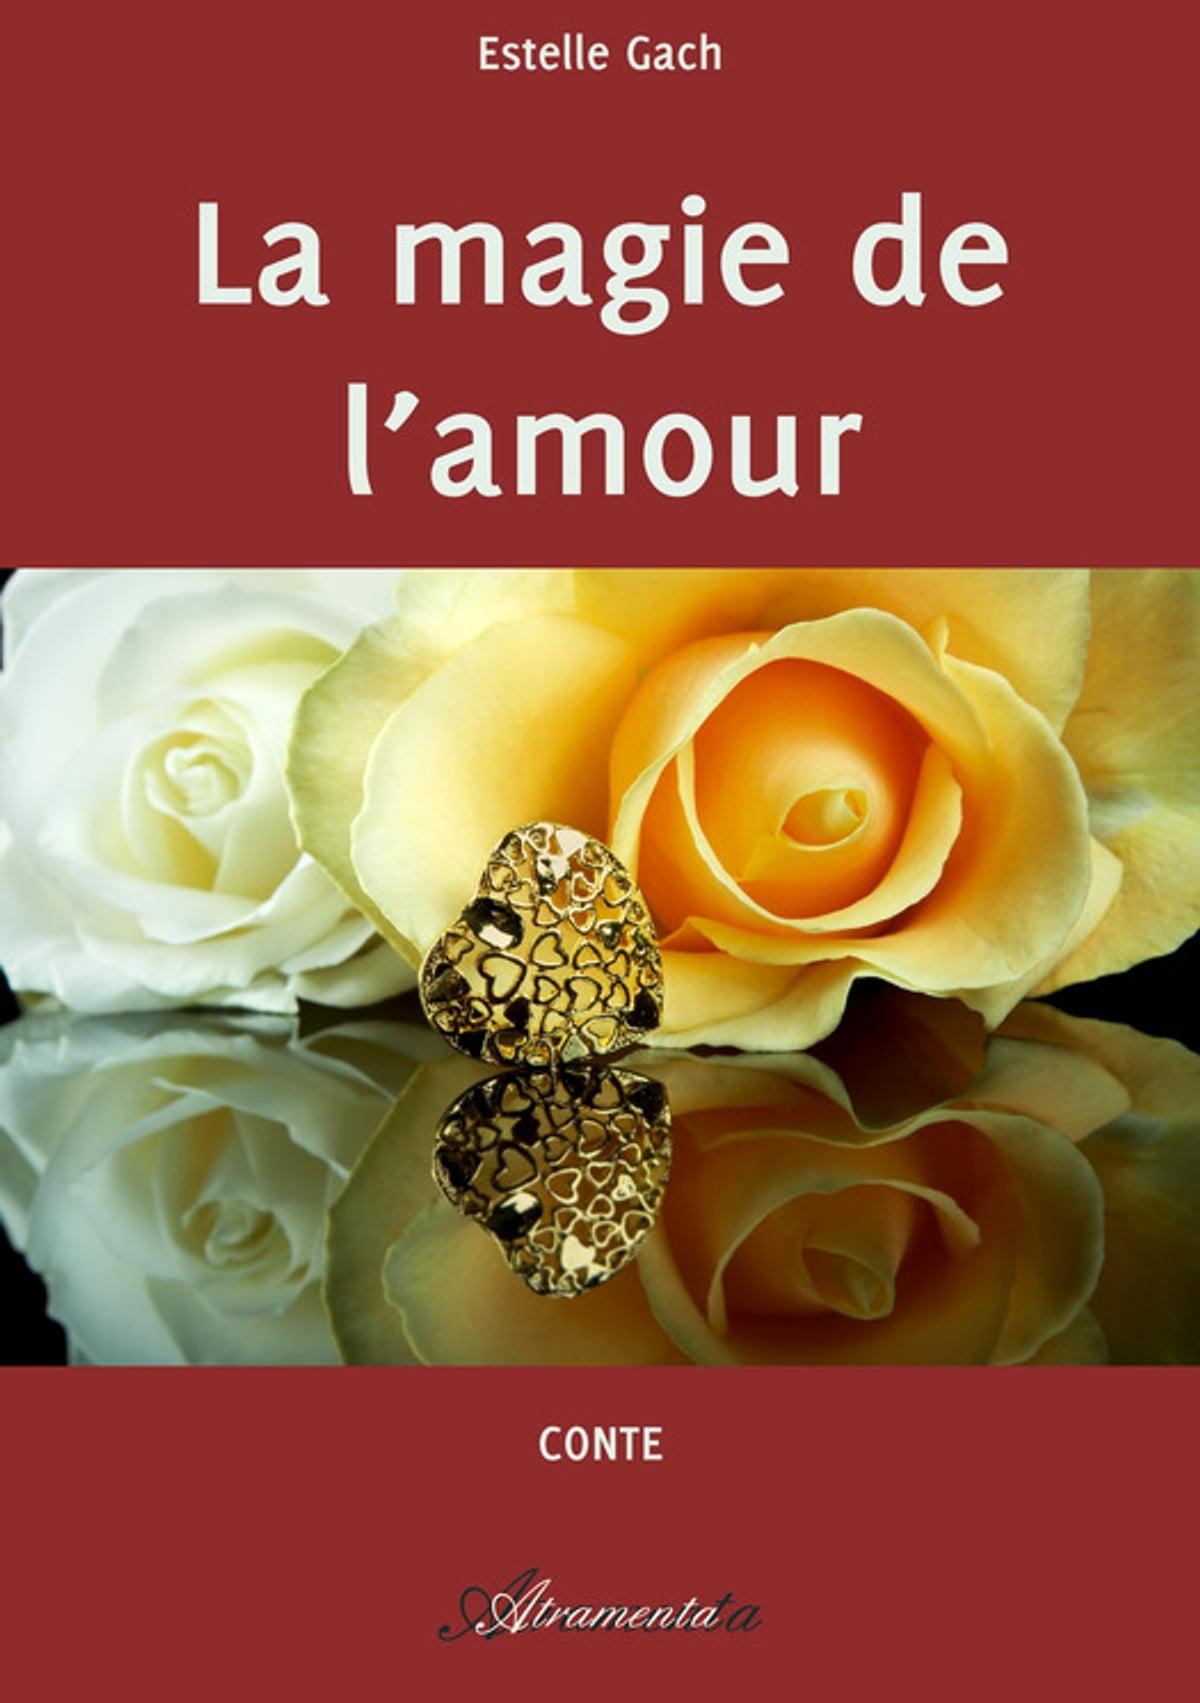 La Magie De L Amour : magie, amour, Magie, L'amour, EBook, Estelle, 9789522734211, Rakuten, United, States